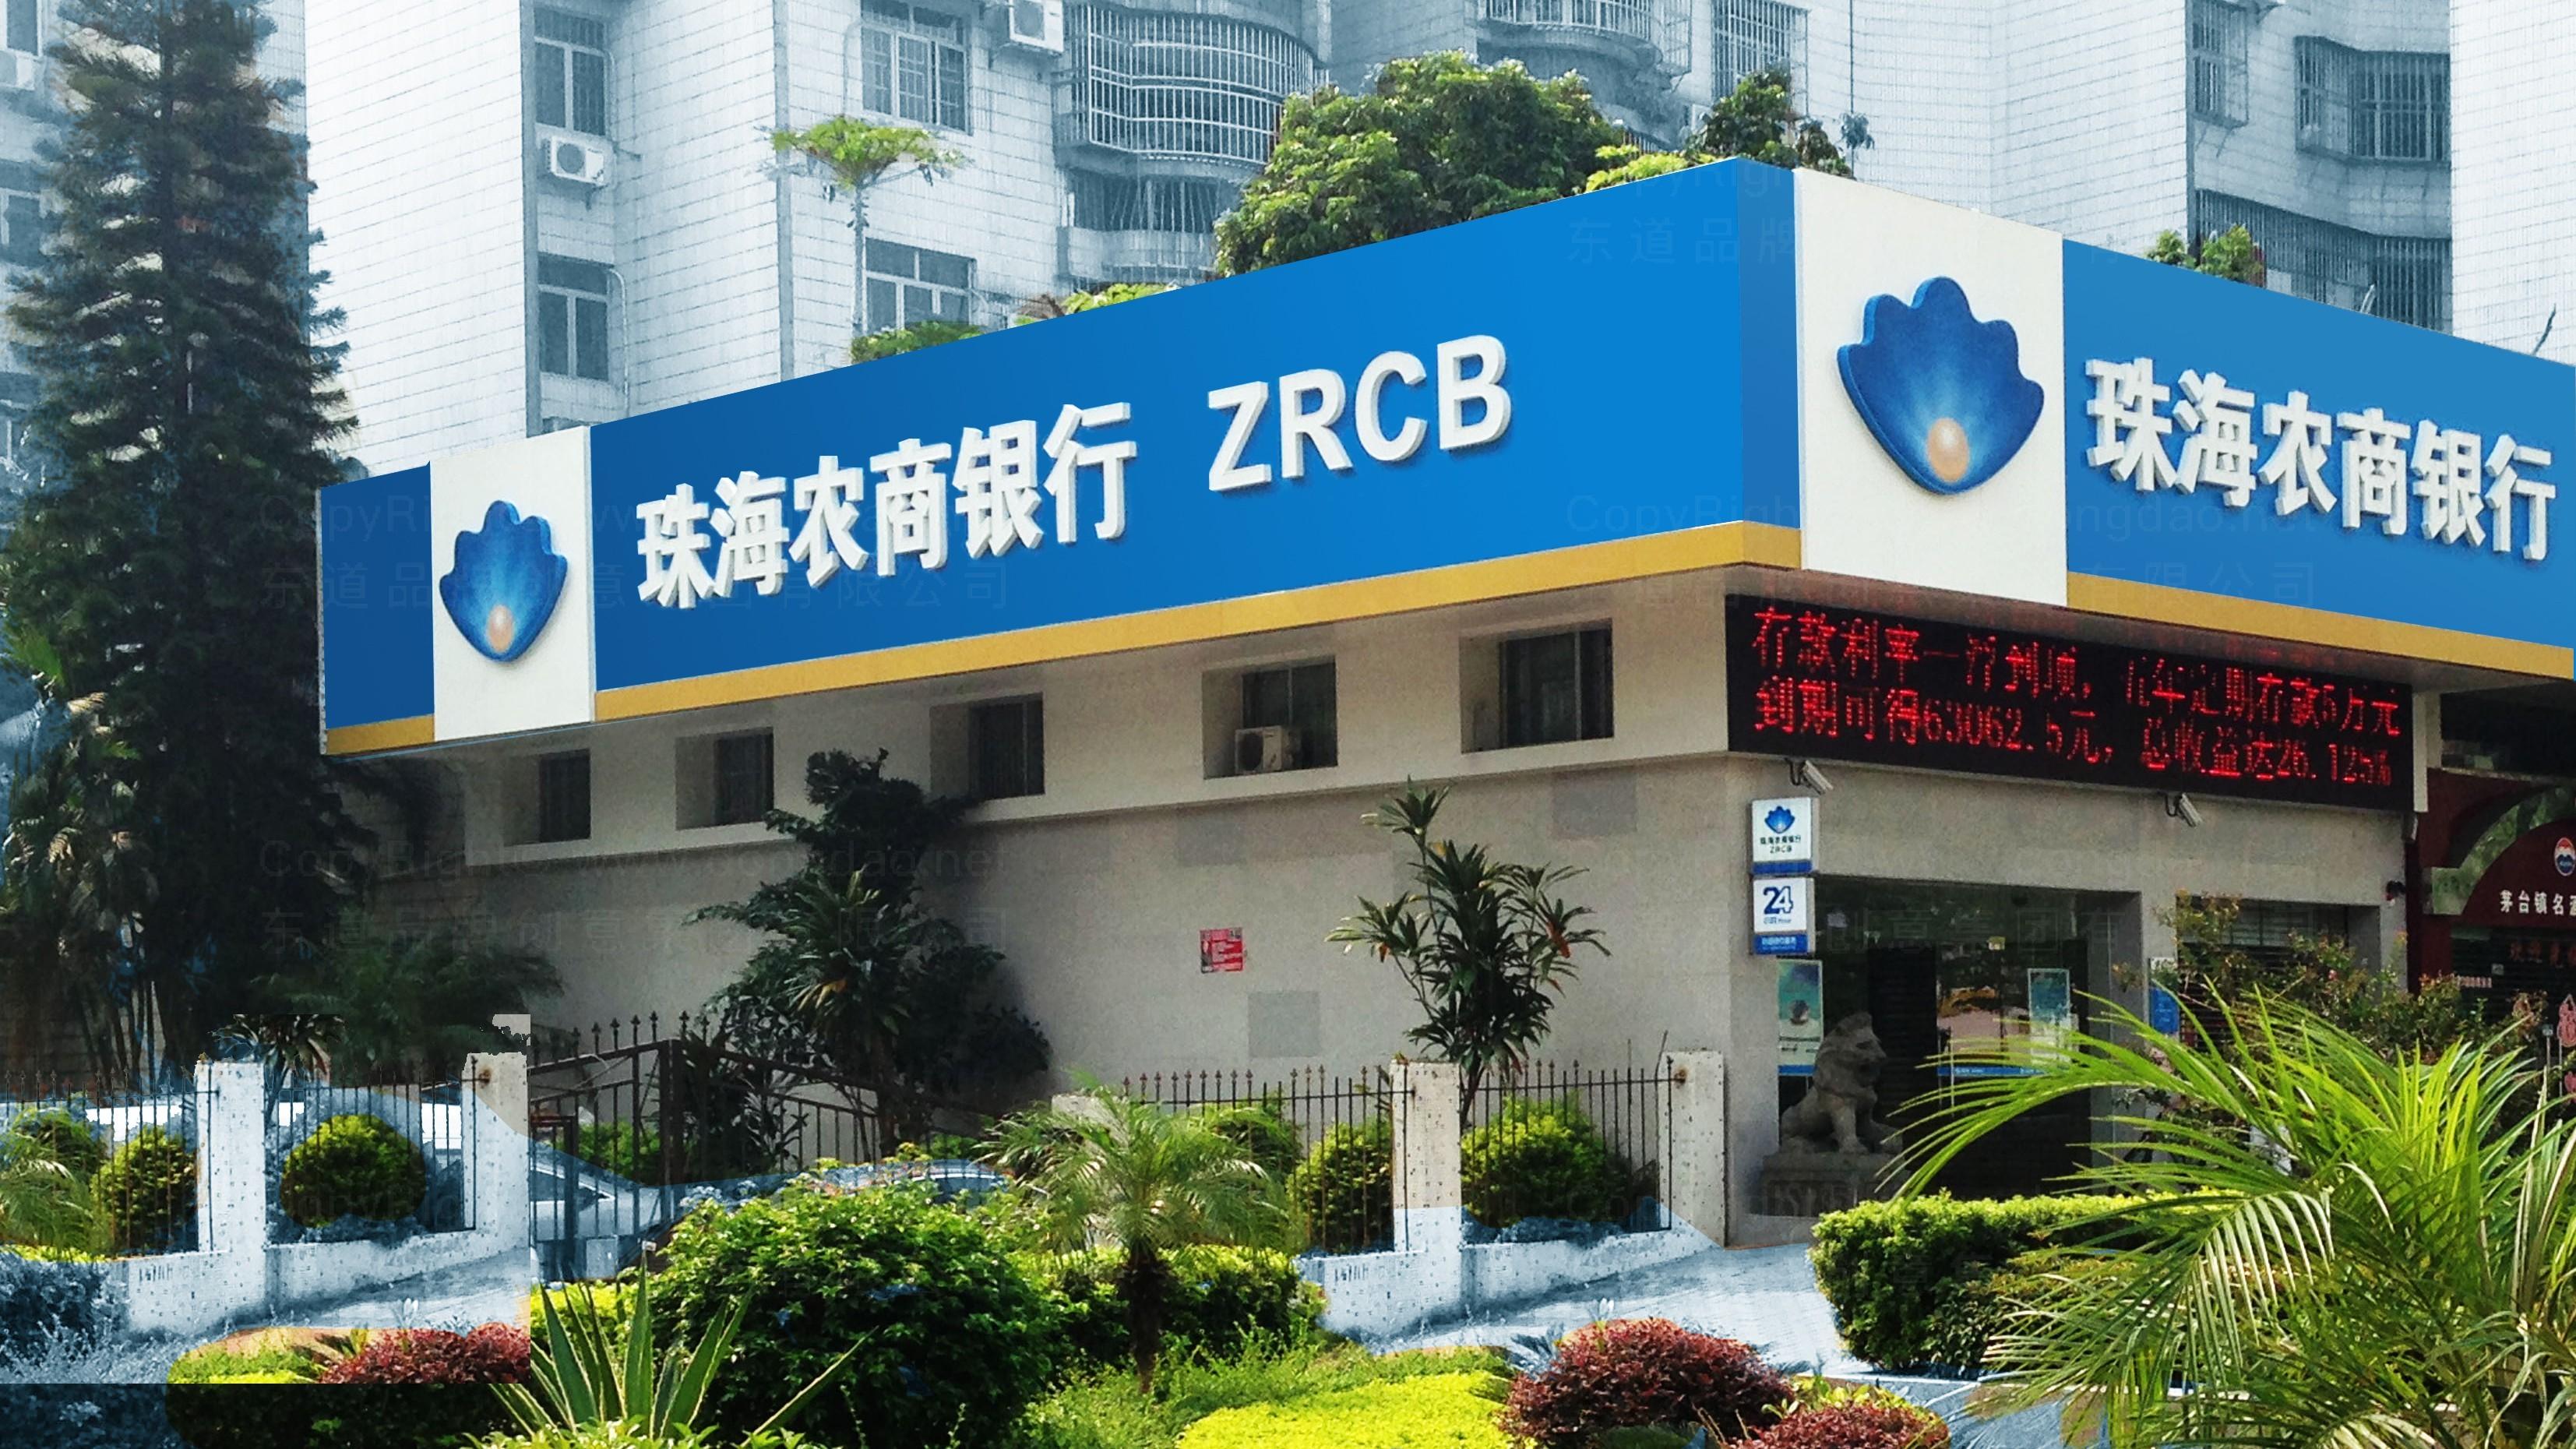 银行金融落地工程珠海农商银行装饰工程标识制作